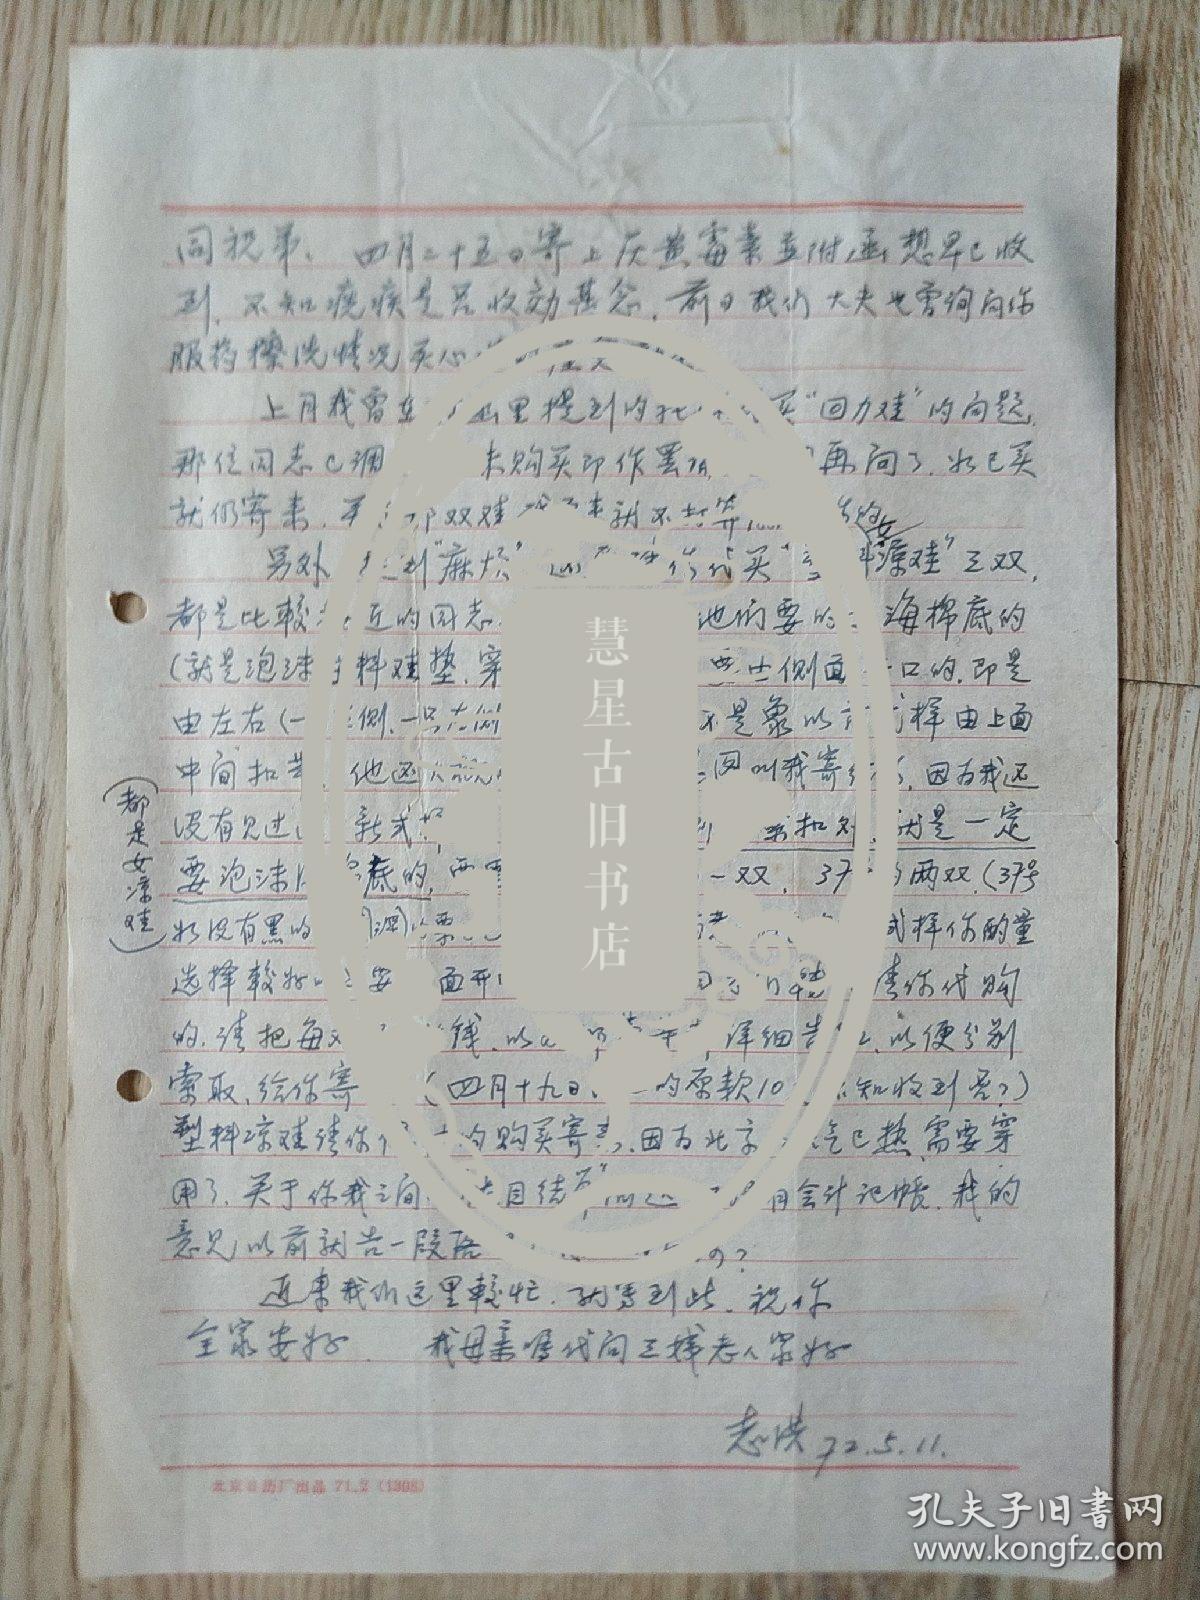 志洪致熊同祝信札一页。